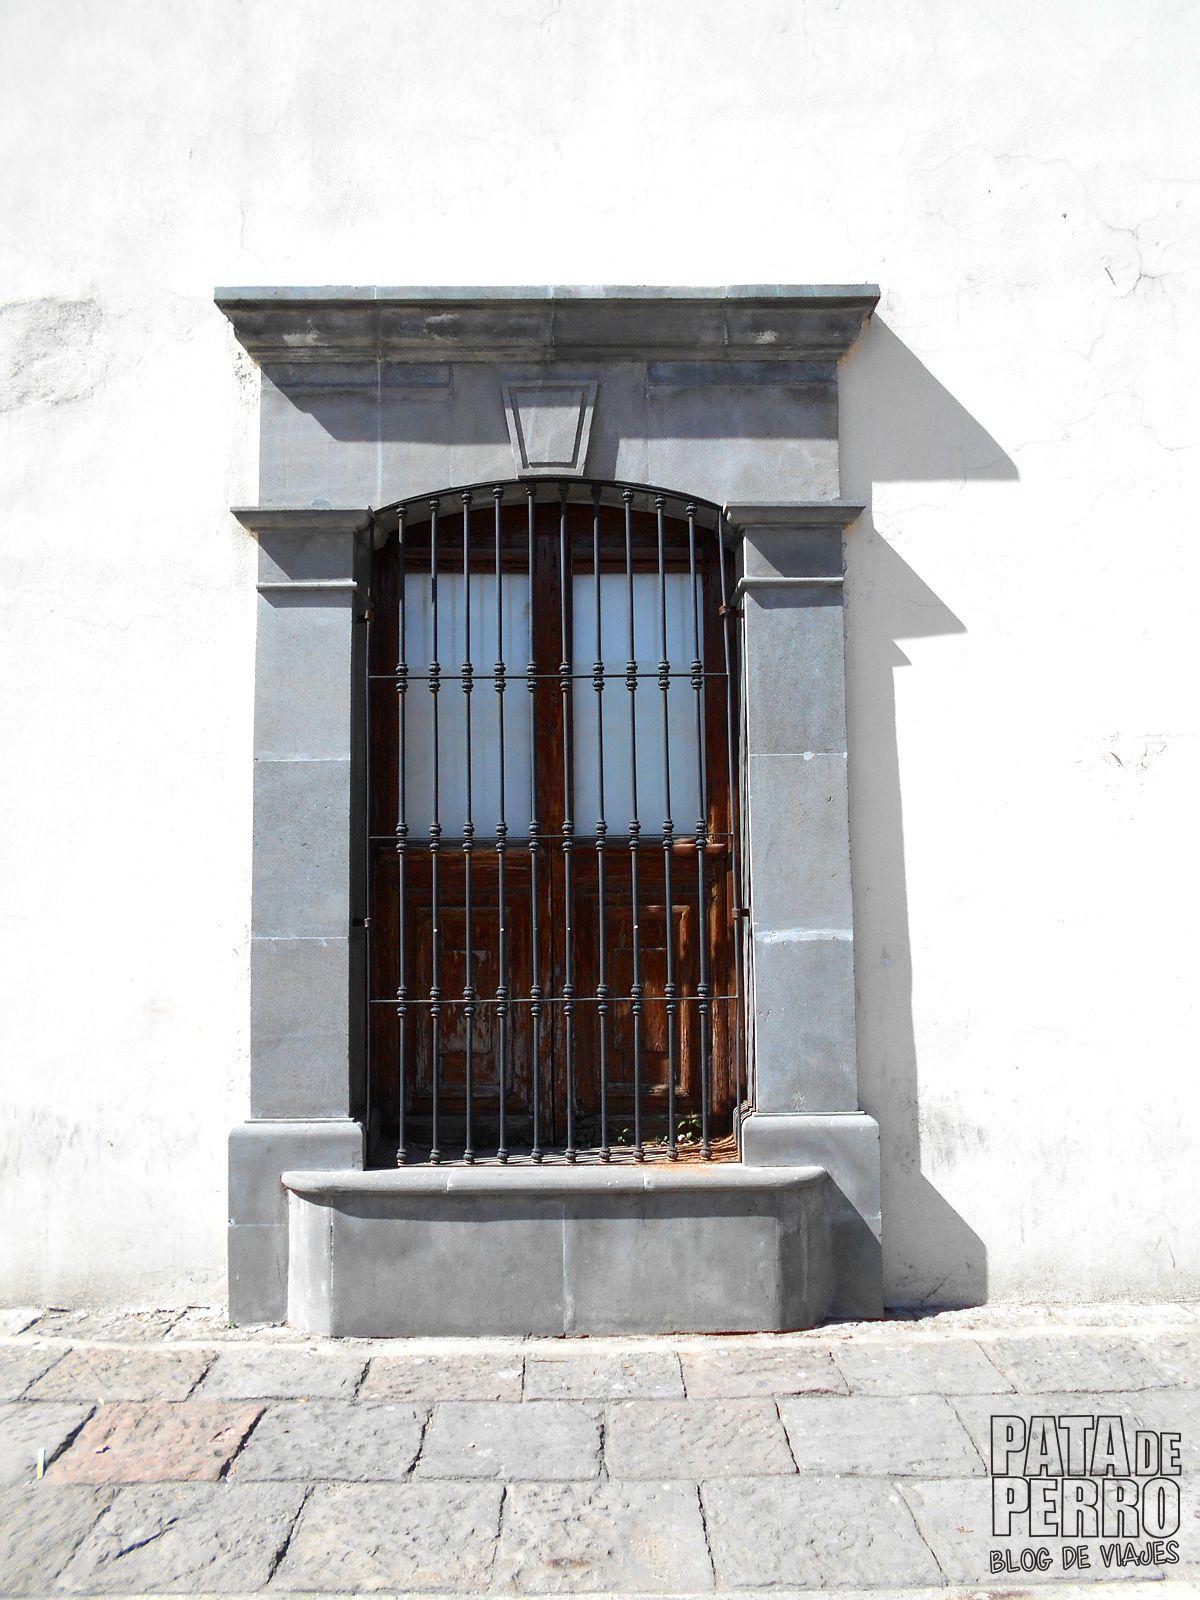 huejotzingo puebla mexico pata de perro blog de viajes28